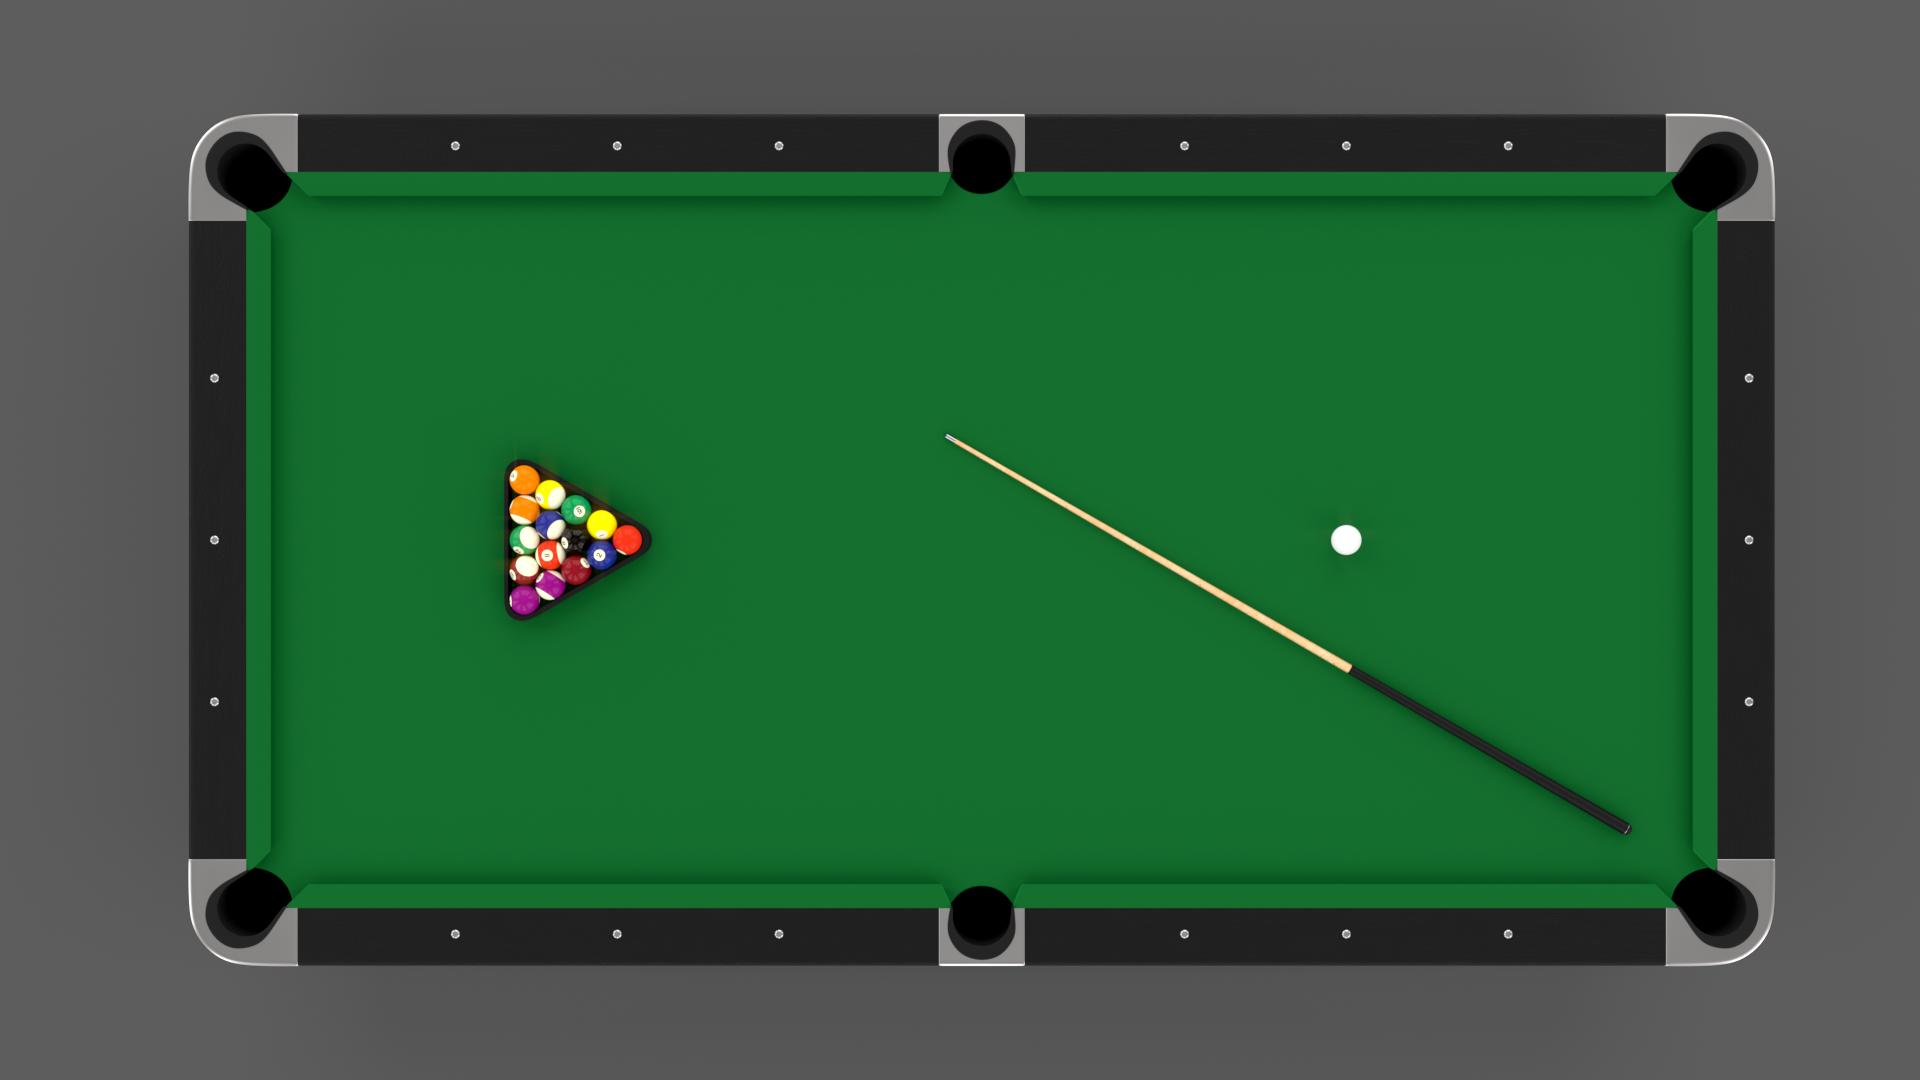 8 Ball Pool Table Ball Pool Table Pool Table Pool Balls Table